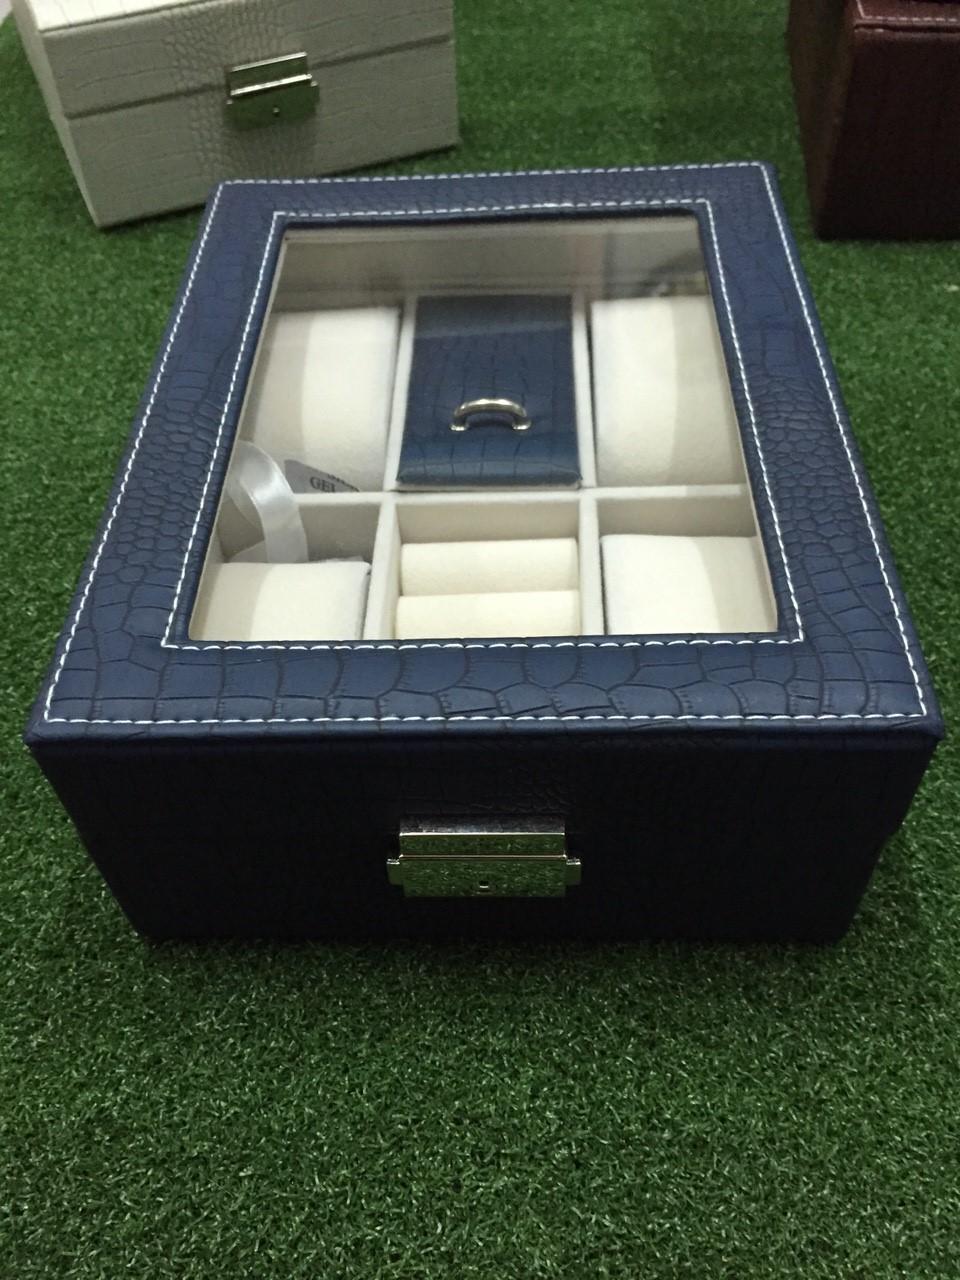 กล่องนาฬิกา 6 ช่องลายหนังจรเข้ สีน้ำเงิน